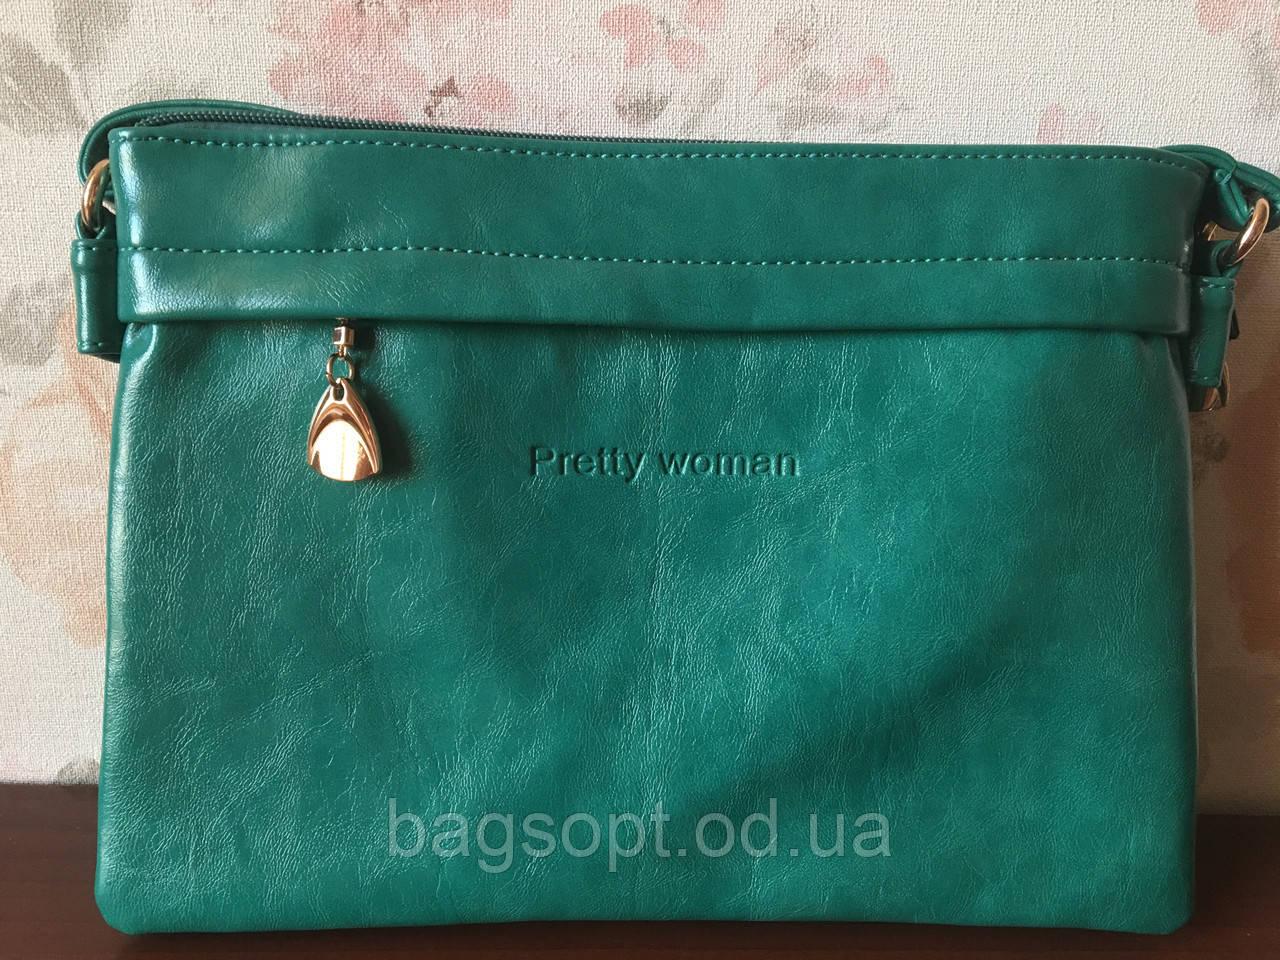 Женская сумочка клатч зеленая Pretty Woman классическая повседневная Одесса 7 км